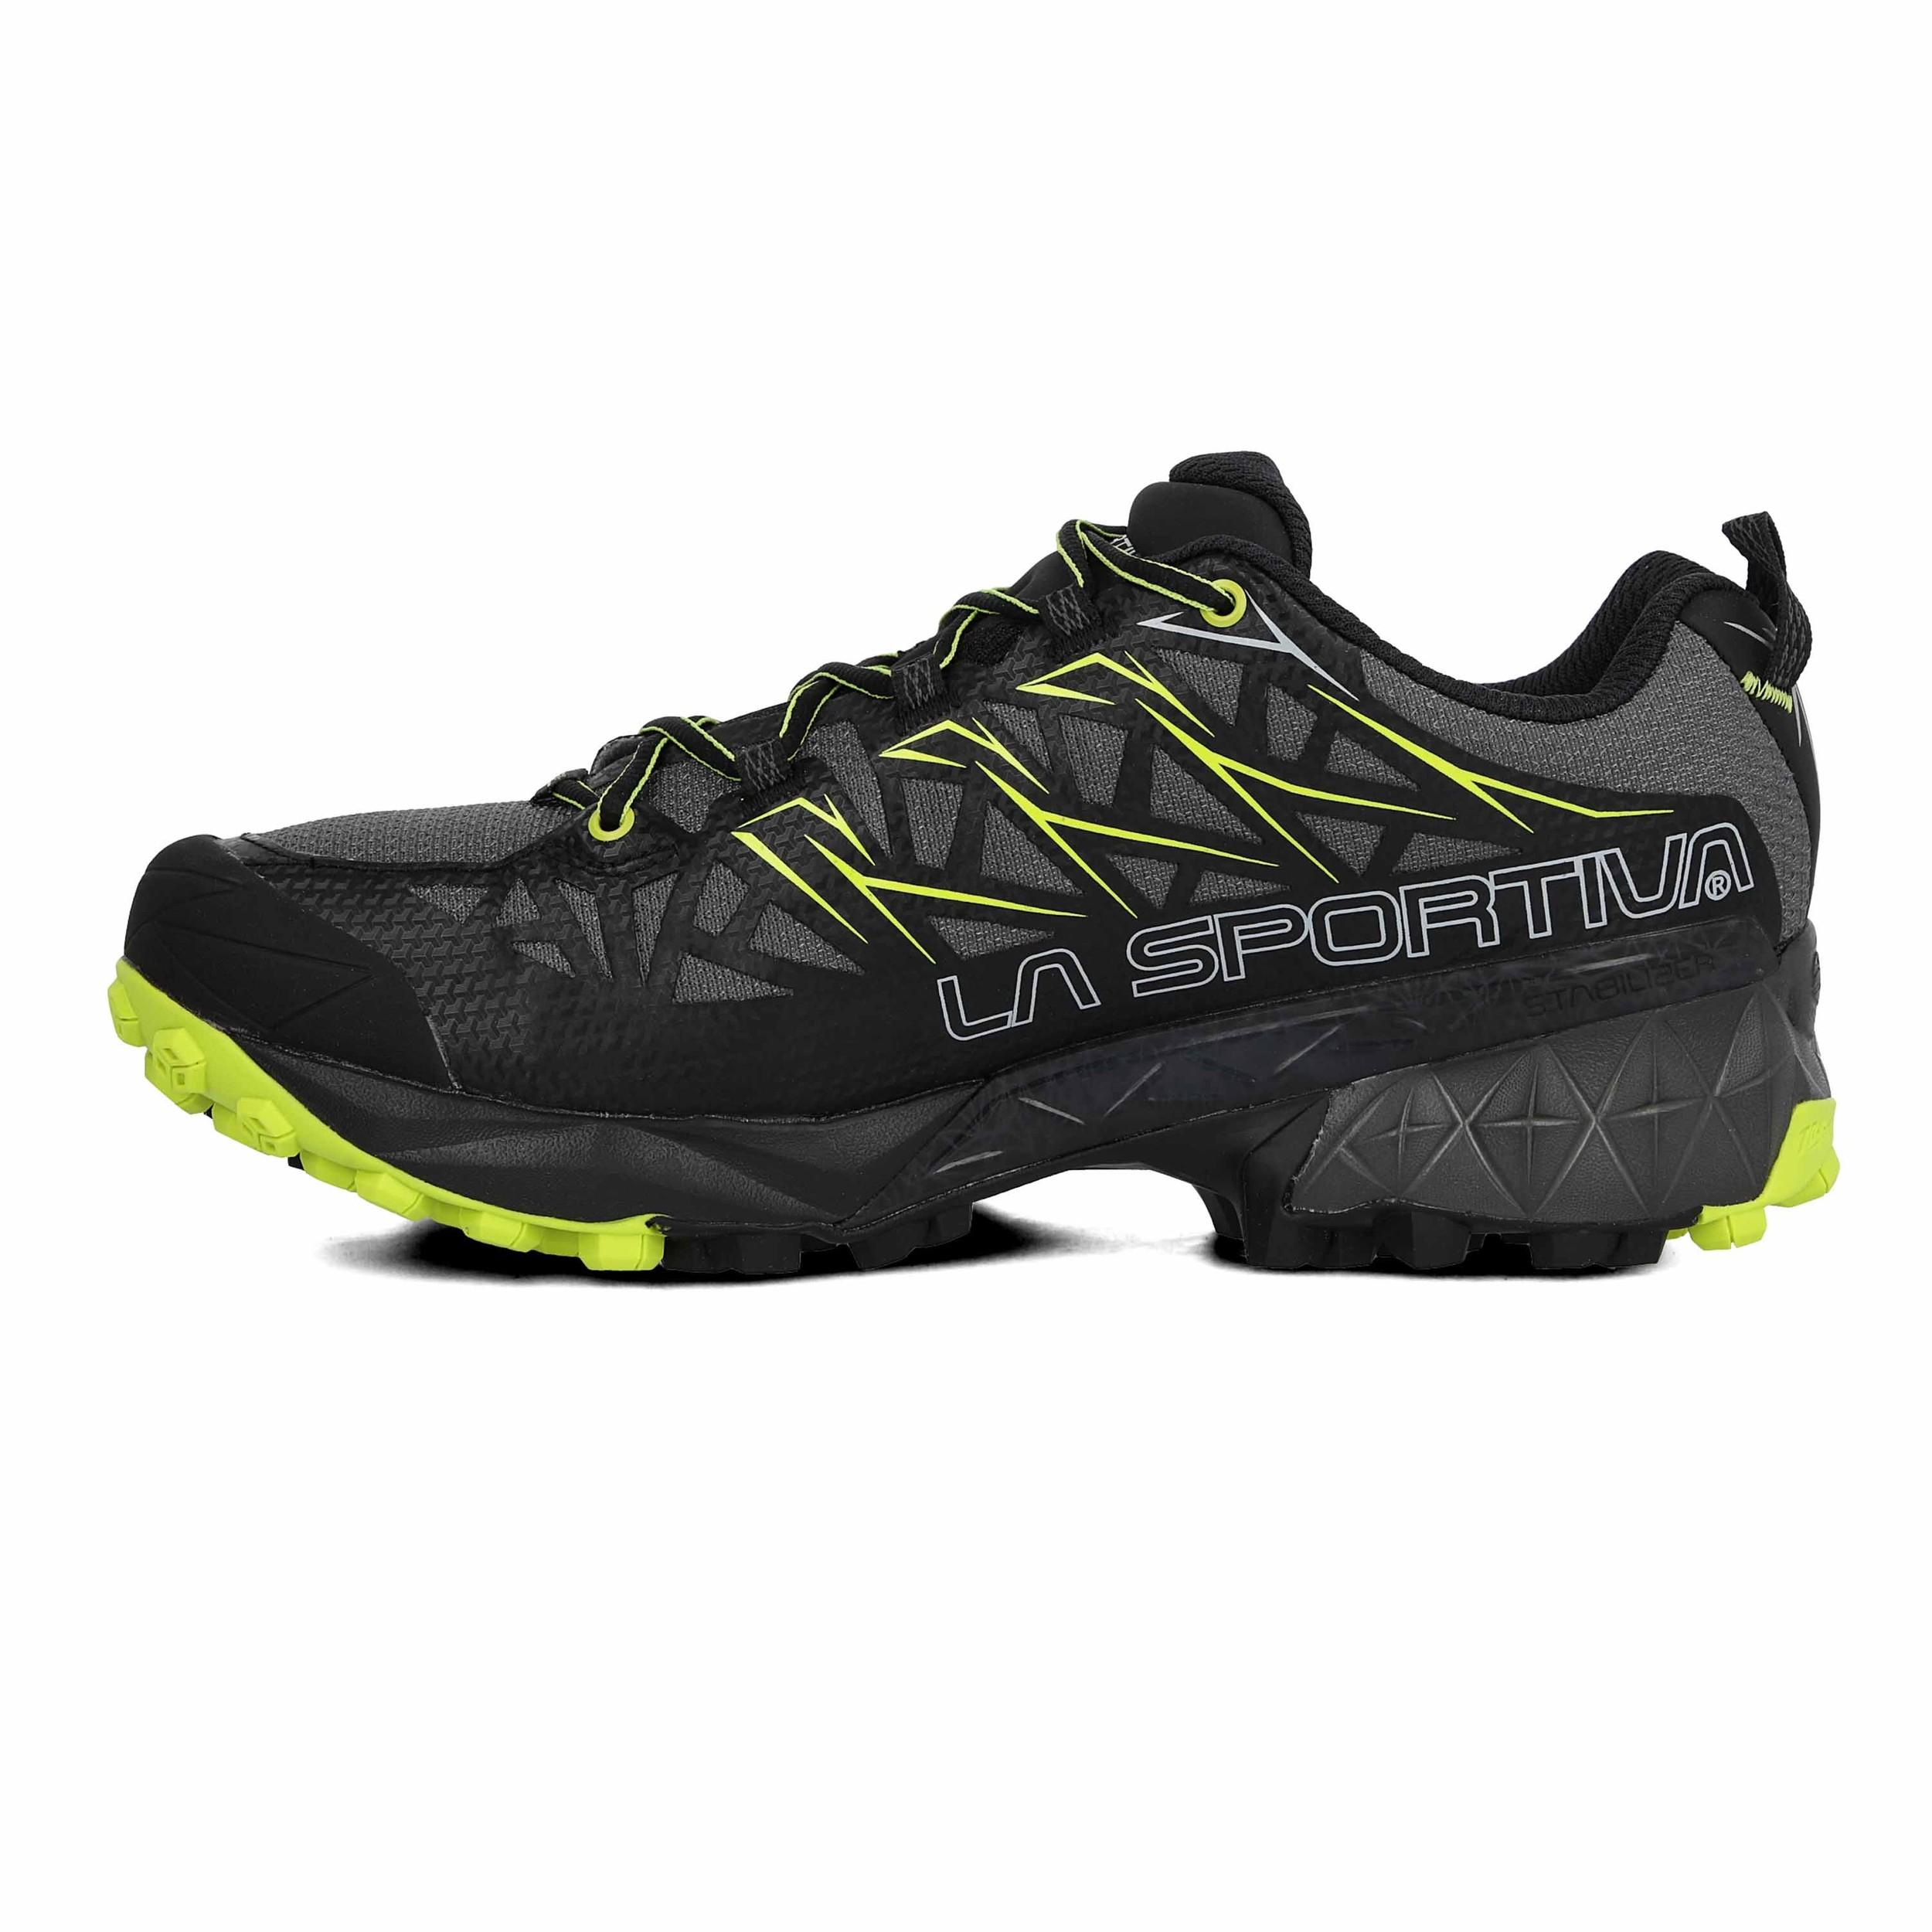 selezione migliore d5873 41473 Dettagli su La Sportiva Uomo Akyra GTX Trail Scarpe Da Corsa Ginnastica  Sport Sneakers Nero